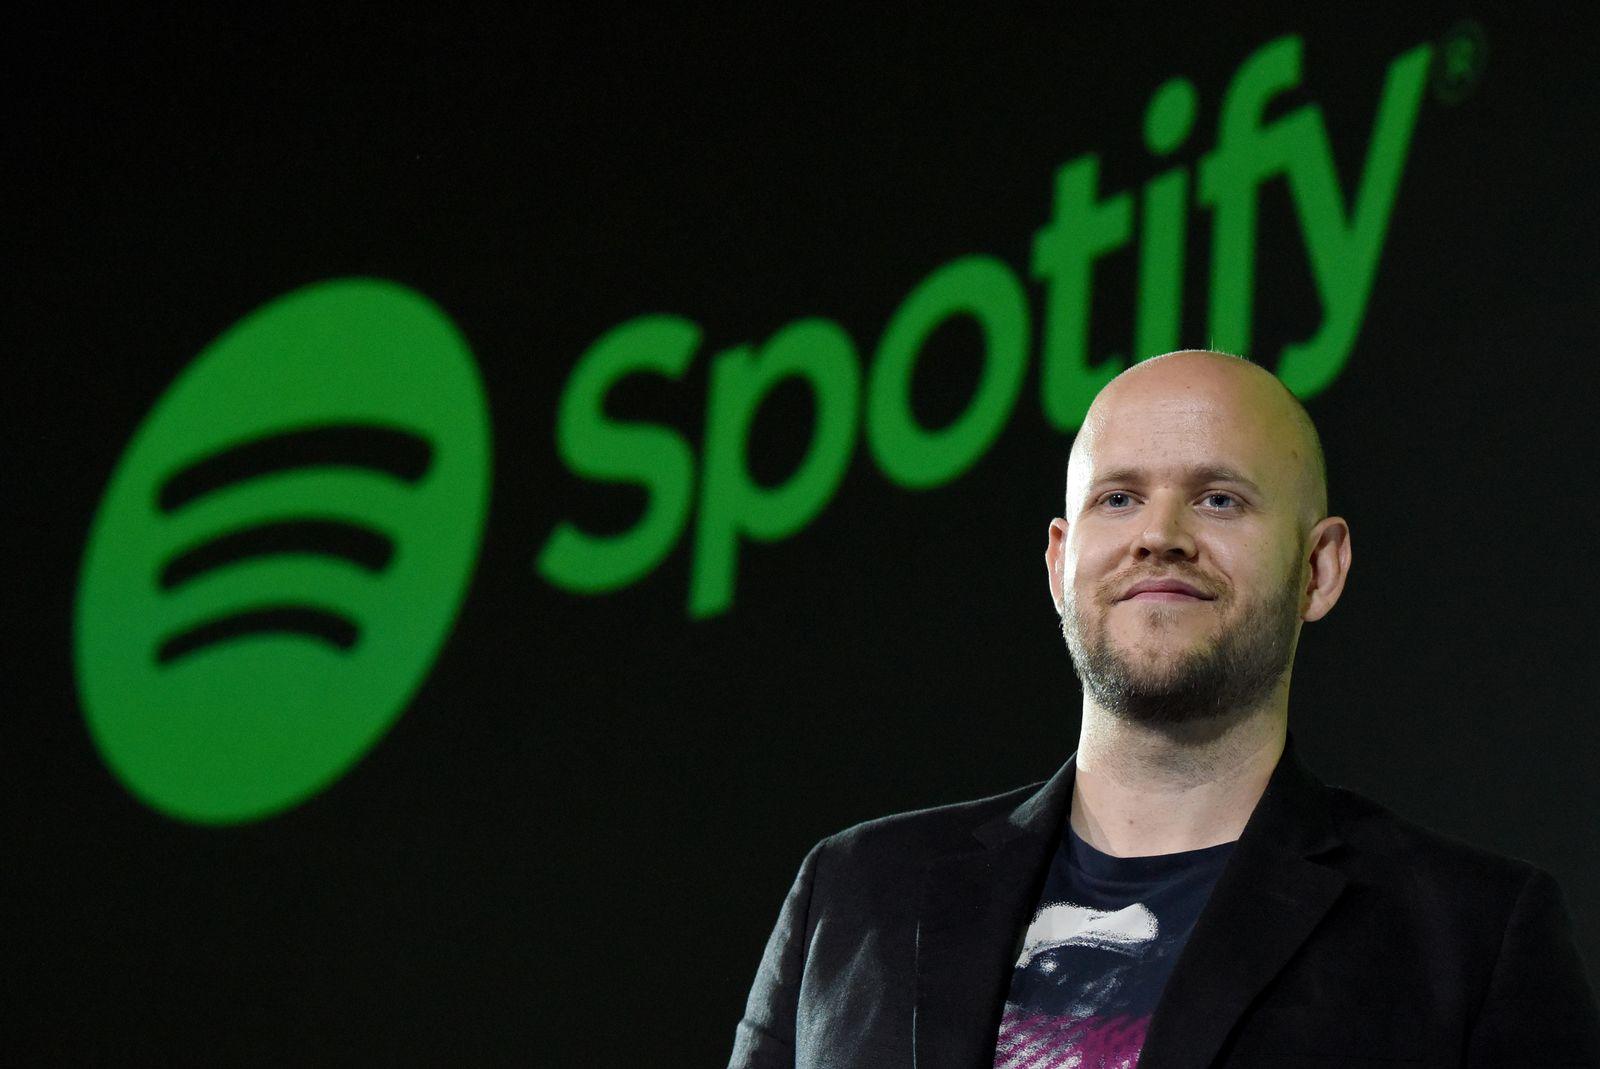 Daniel Ek / Spotify